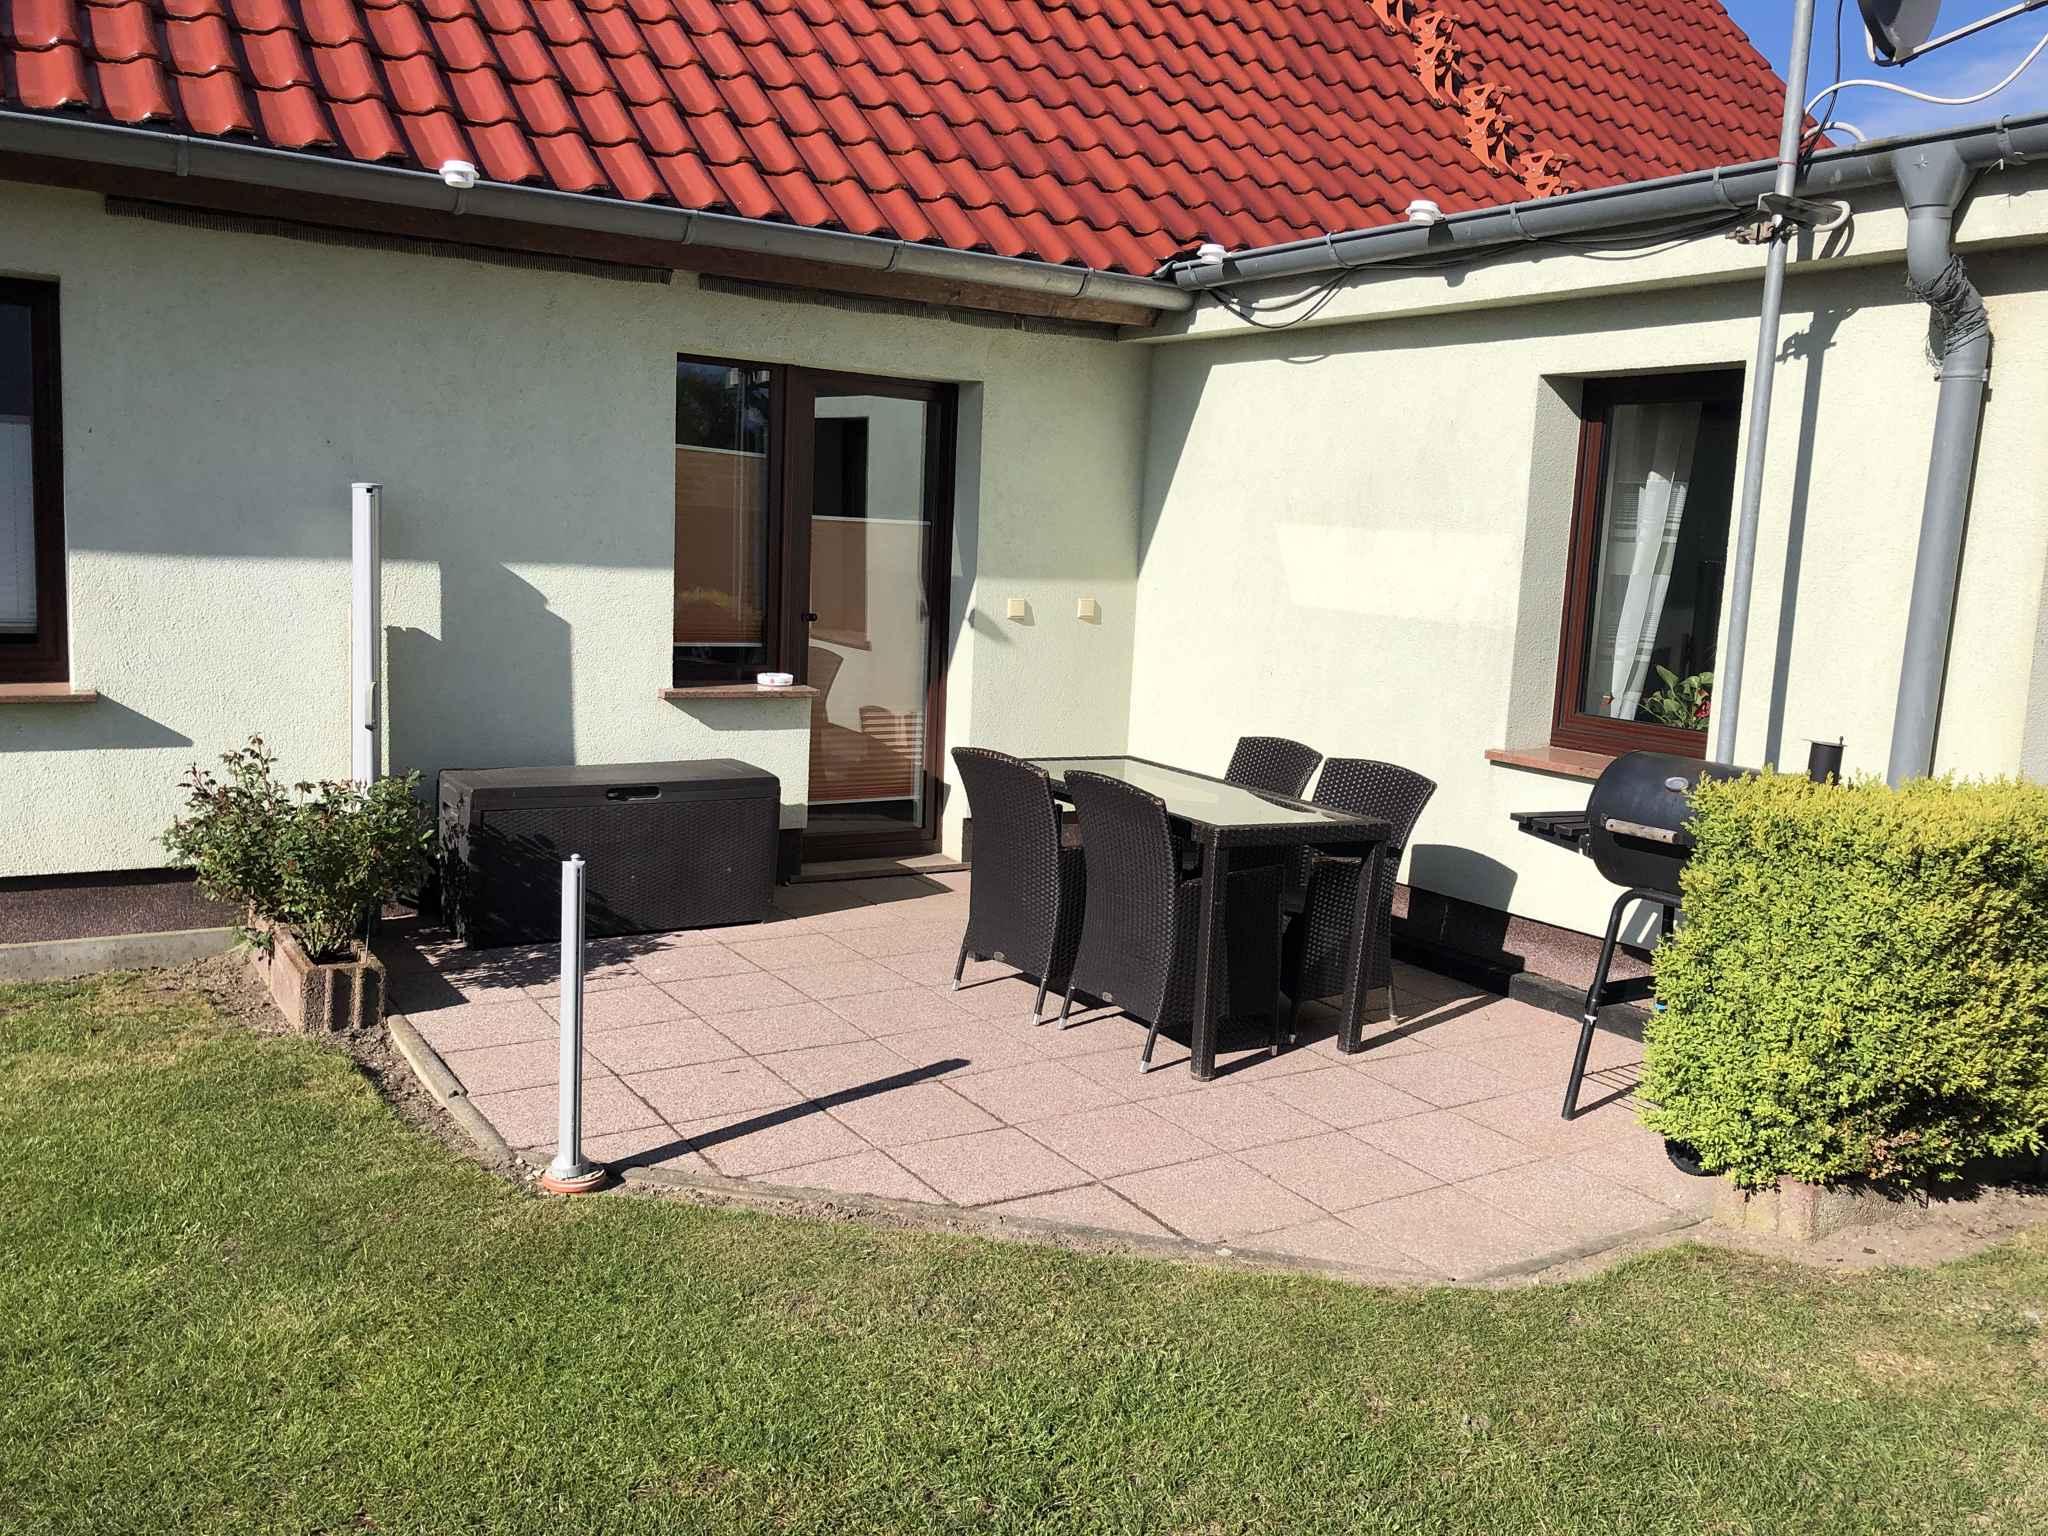 Ferienhaus mit Terrasse und Garten (345206), Zirkow, Rügen, Mecklenburg-Vorpommern, Deutschland, Bild 3